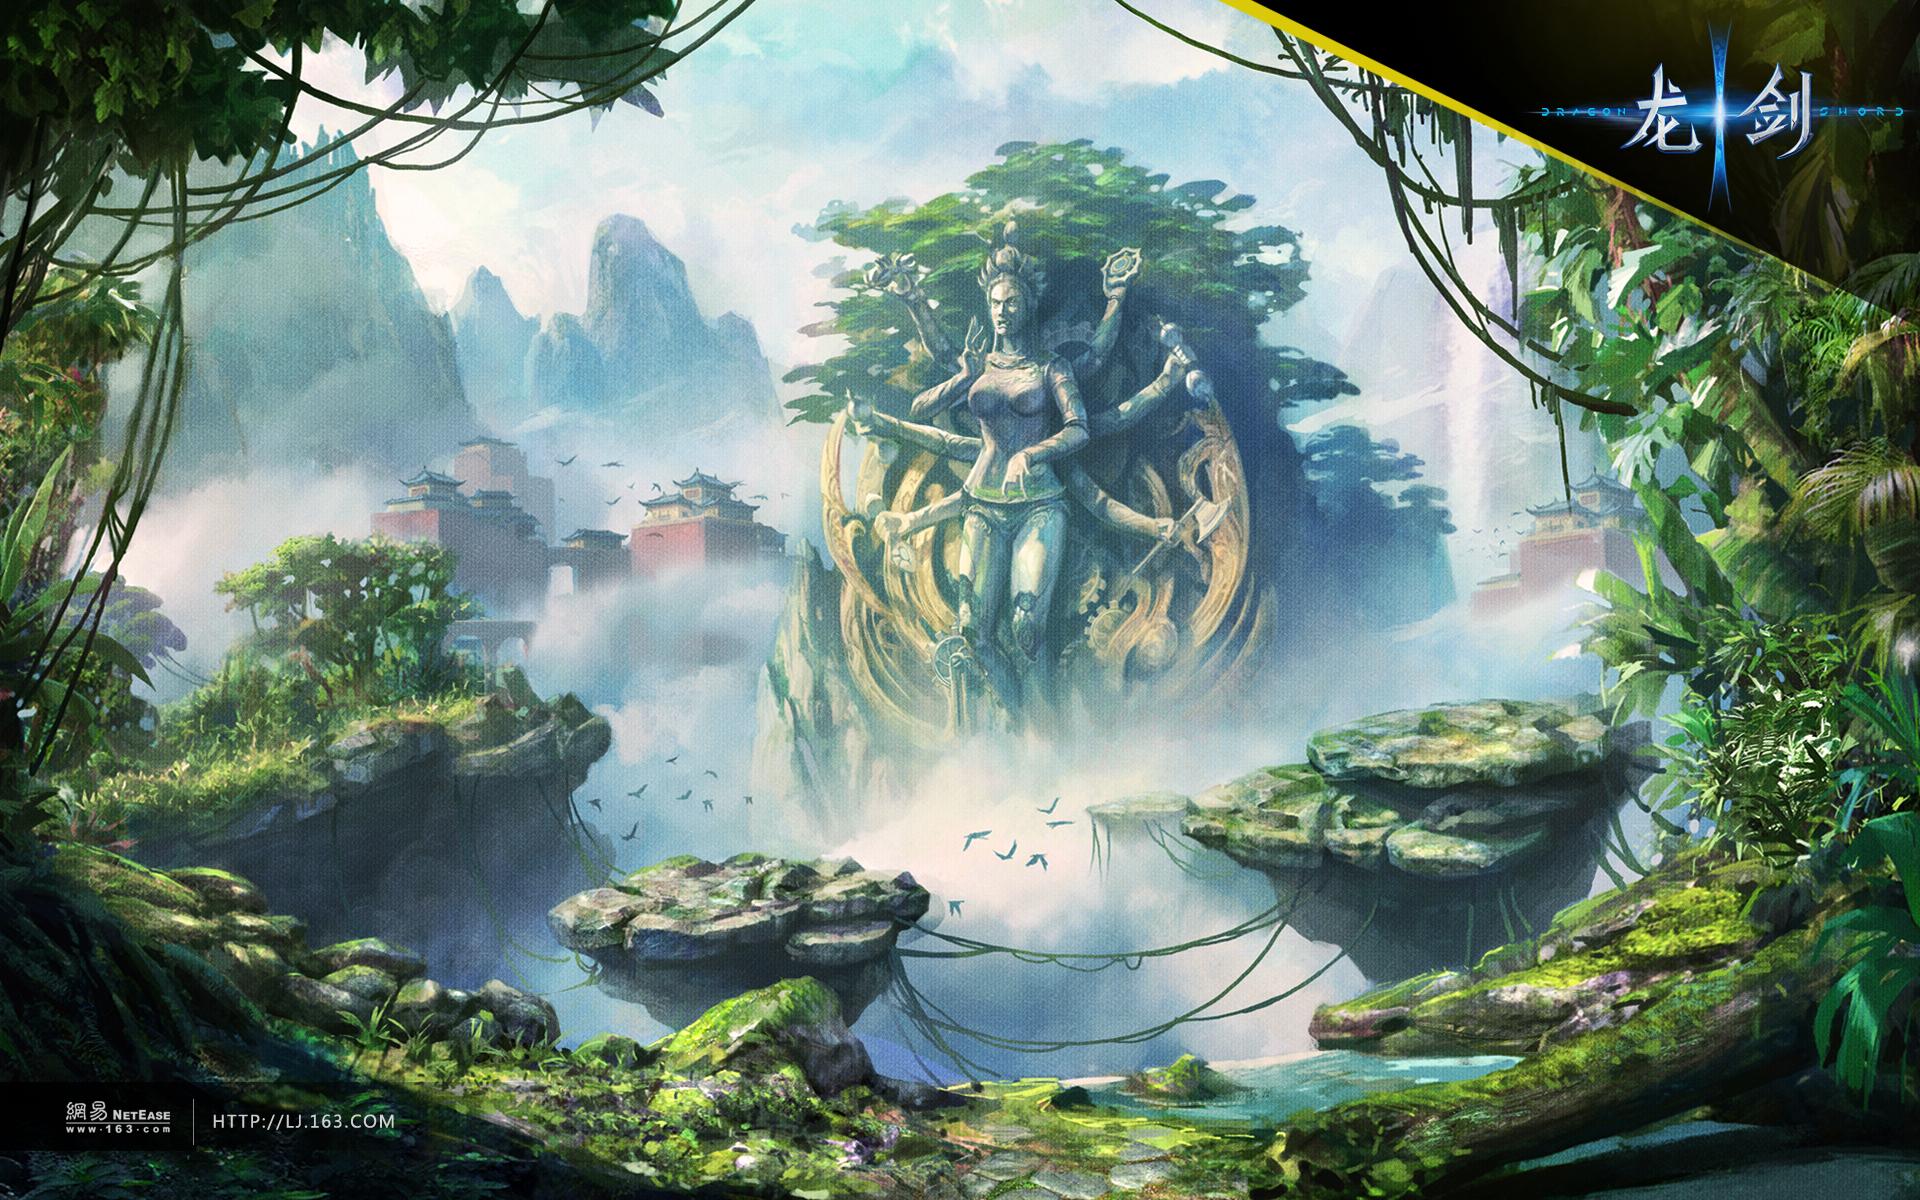 Ngắm phong cảnh tuyệt đẹp trong Long Kiếm - Ảnh 4